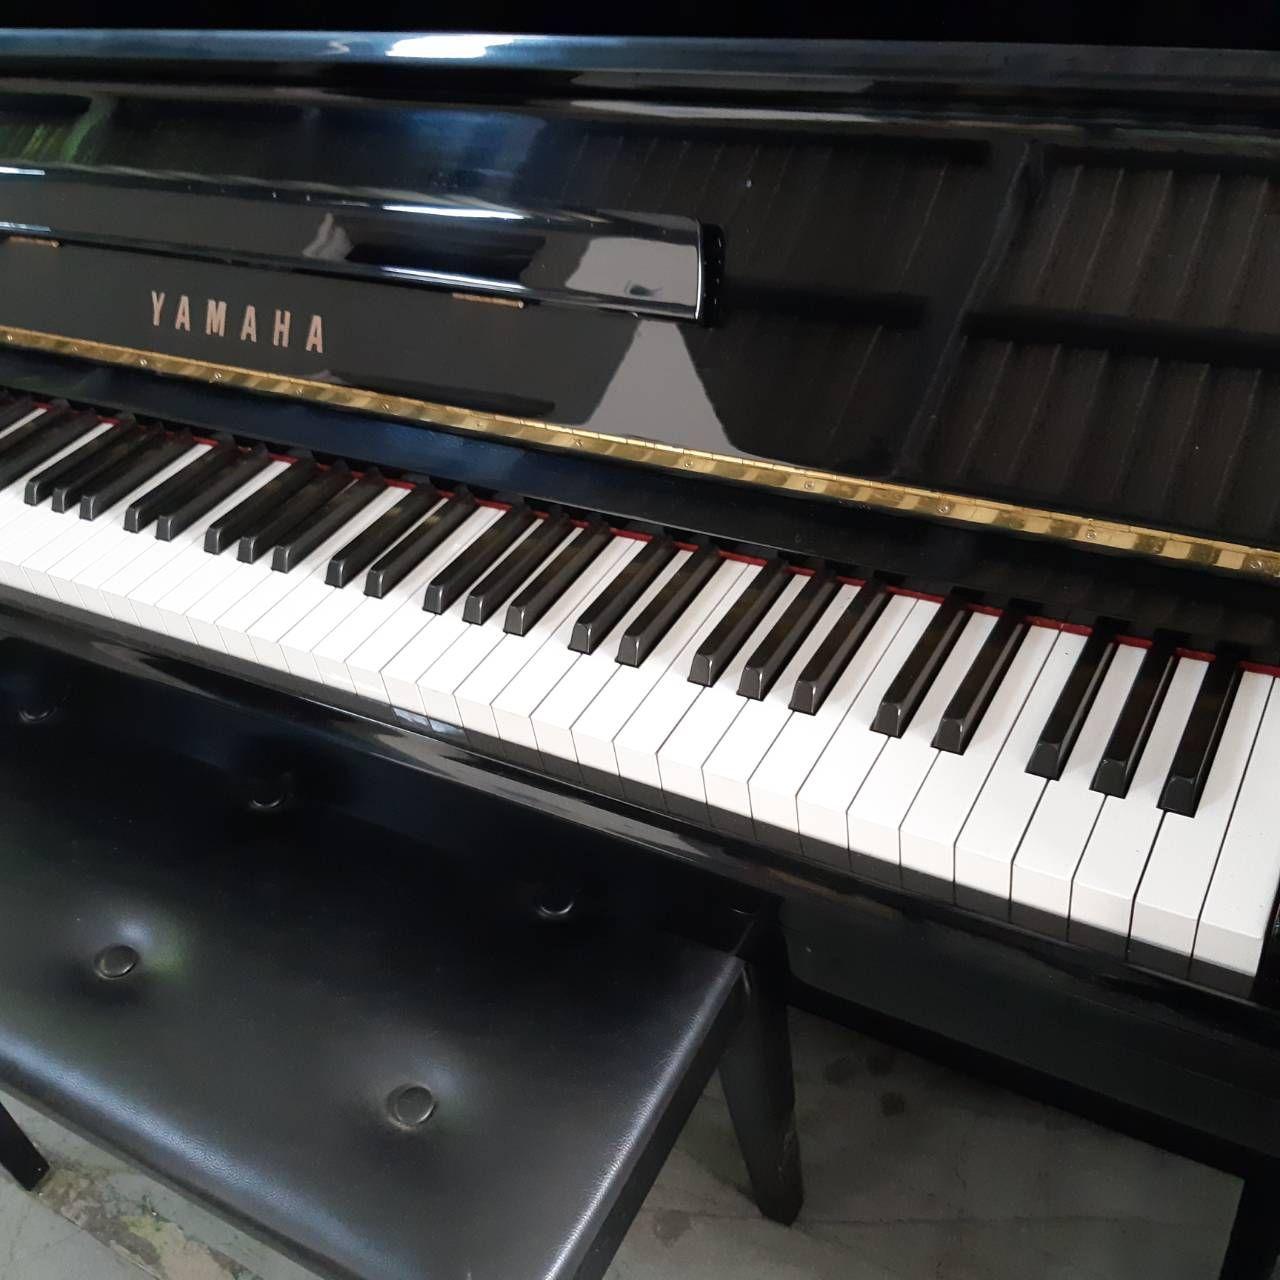 山葉中古鋼琴1號琴